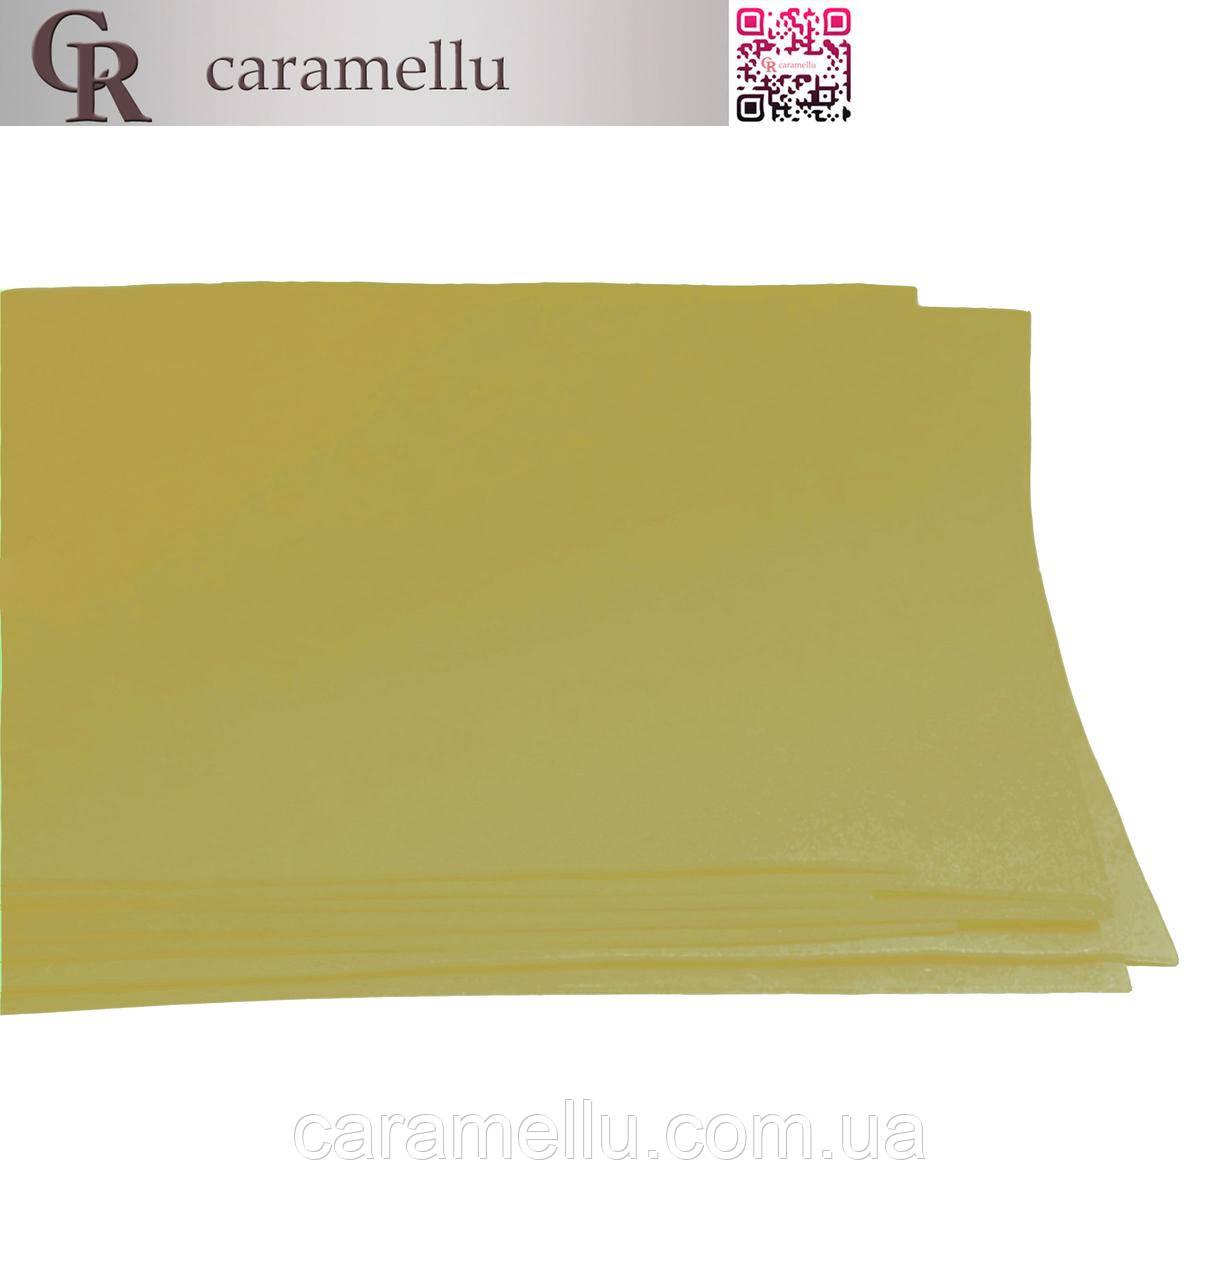 Фоамиран иранский 173, Оливковый, 1мм, 20х30см А4